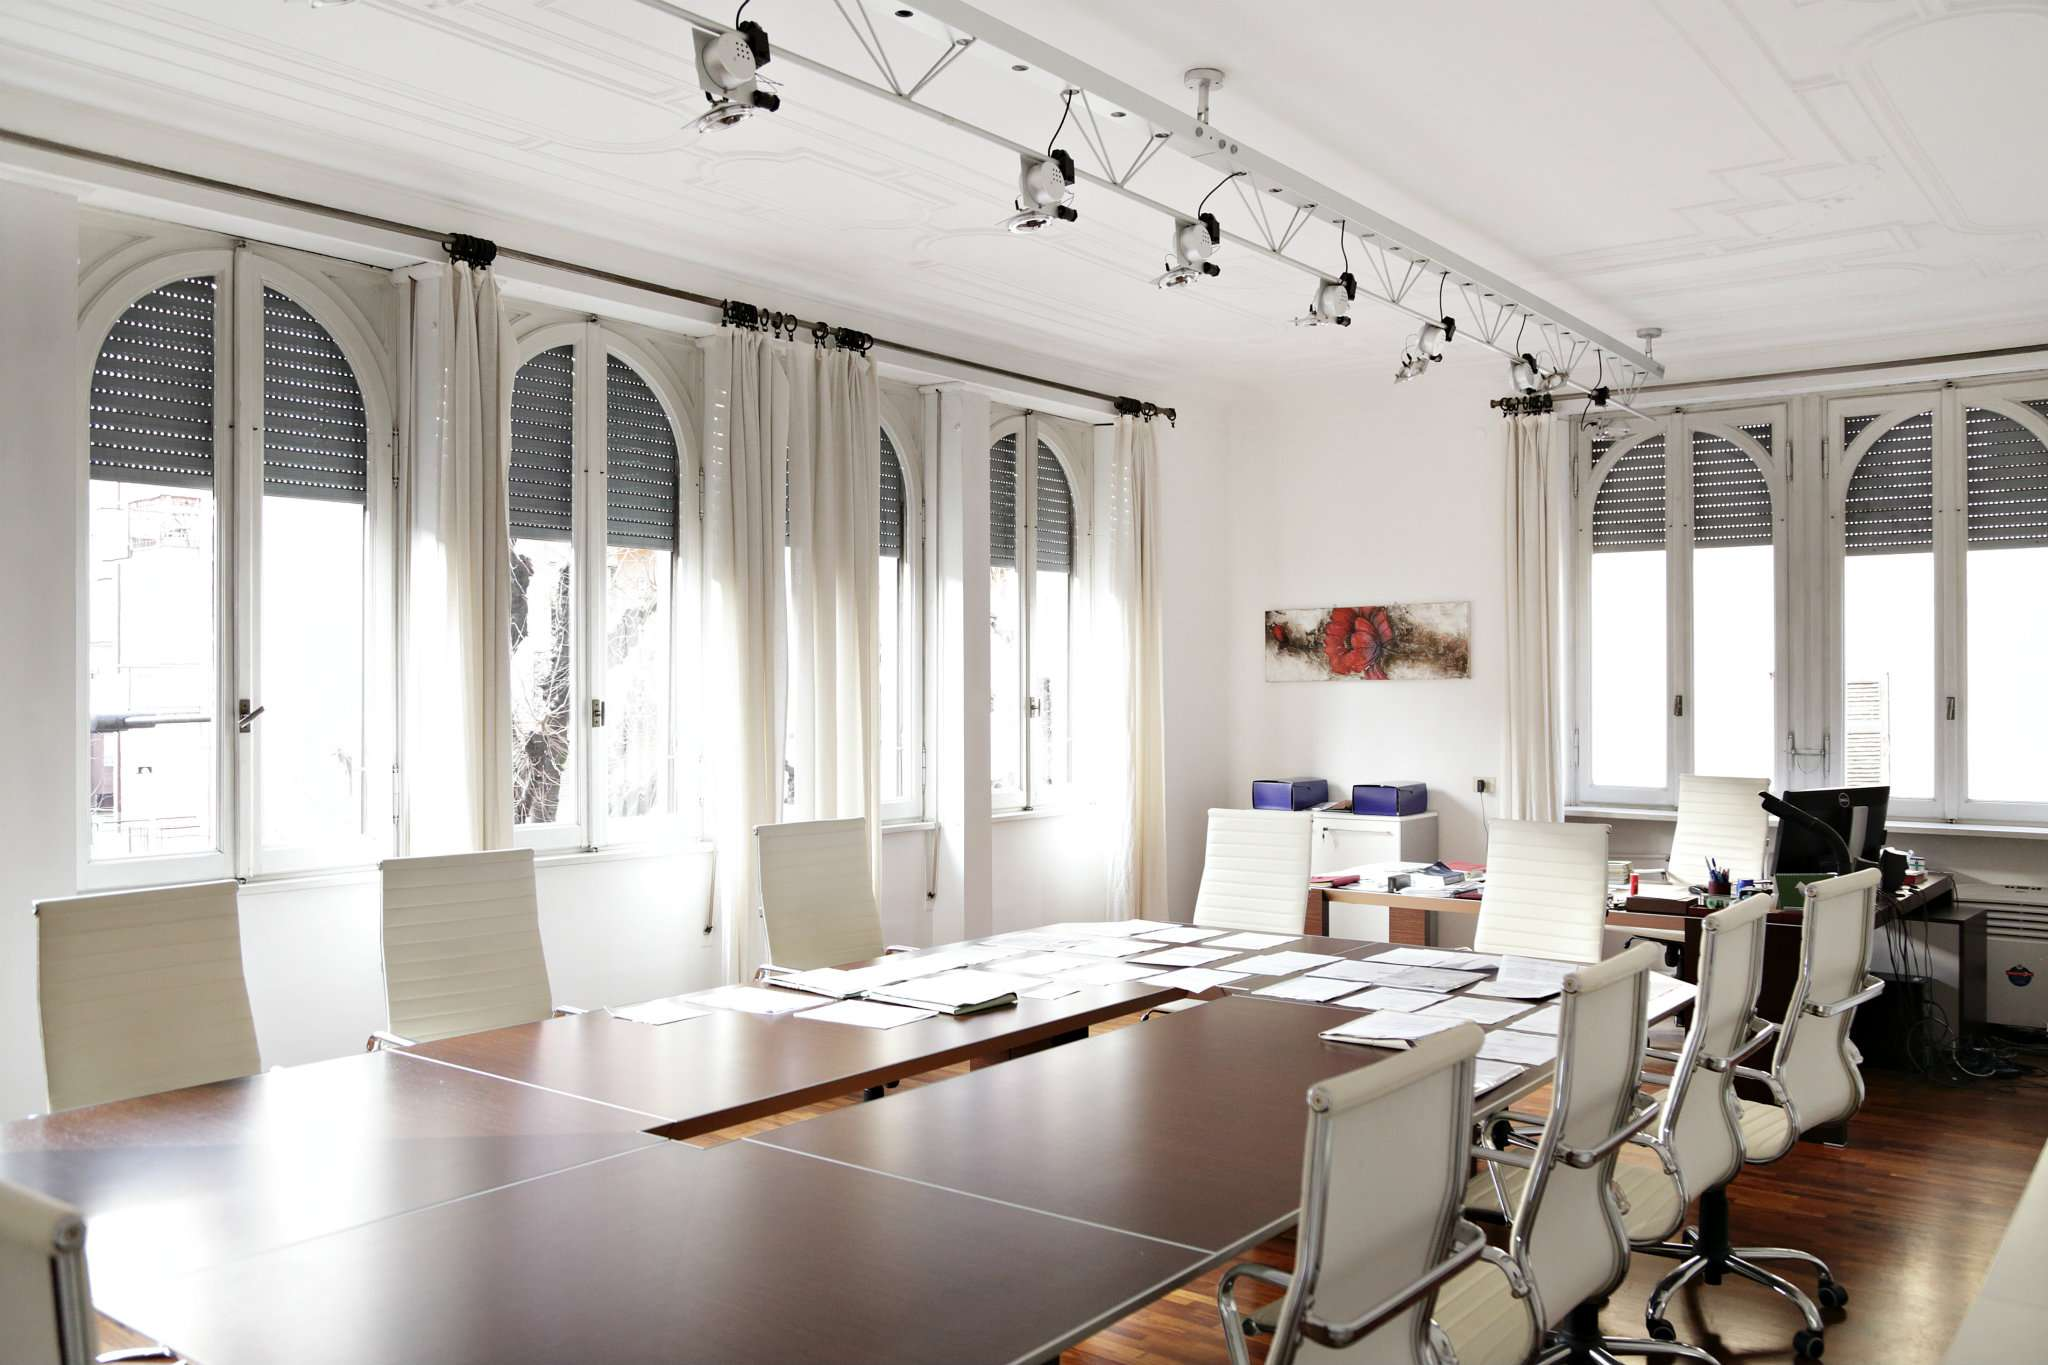 Ufficio / Studio in affitto a Como, 3 locali, zona Zona: 5 . Borghi, prezzo € 1.167 | CambioCasa.it